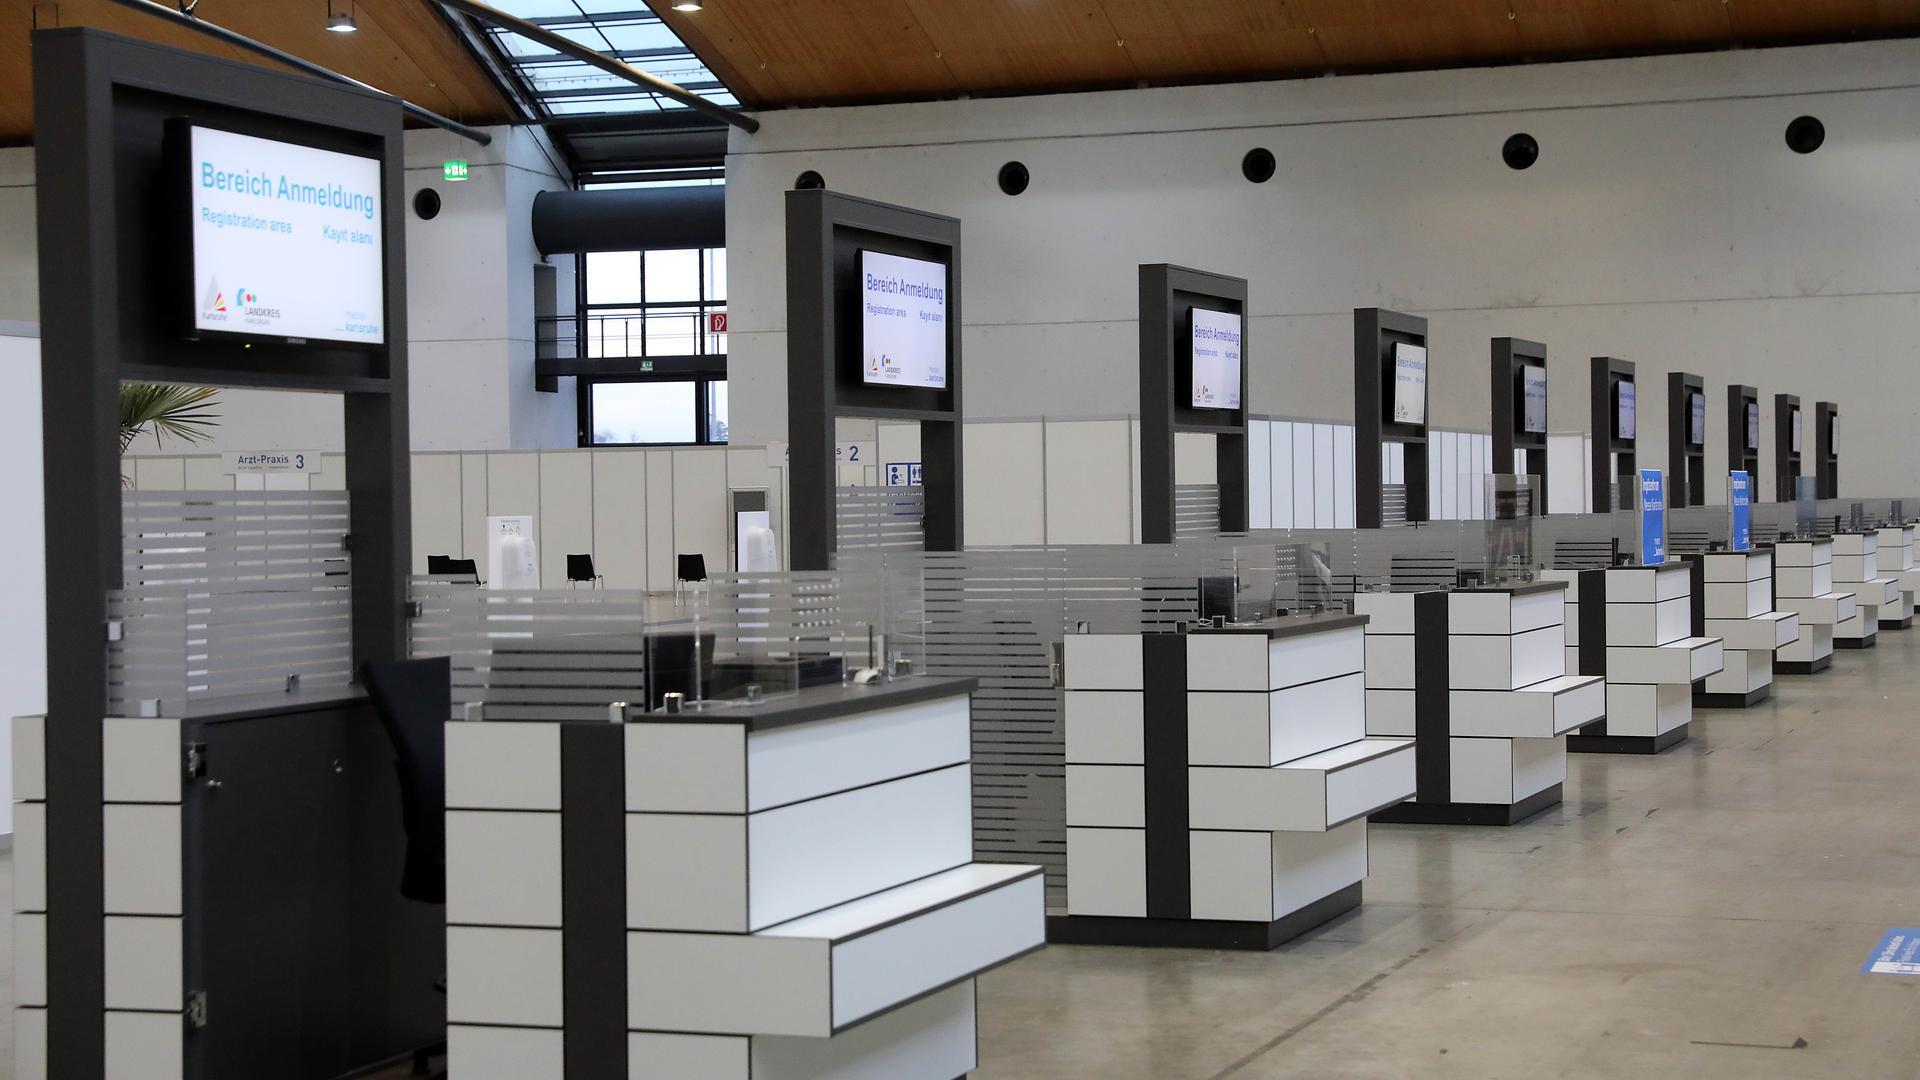 Noch einige Hürden zu nehmen: Kurz vor dem geplanten Start der Corona-Impfungen im ZIZ an der Messe Karlsruhe streiten Land und Kommunen offenbar noch über die Kosten und Haftungsfragen.